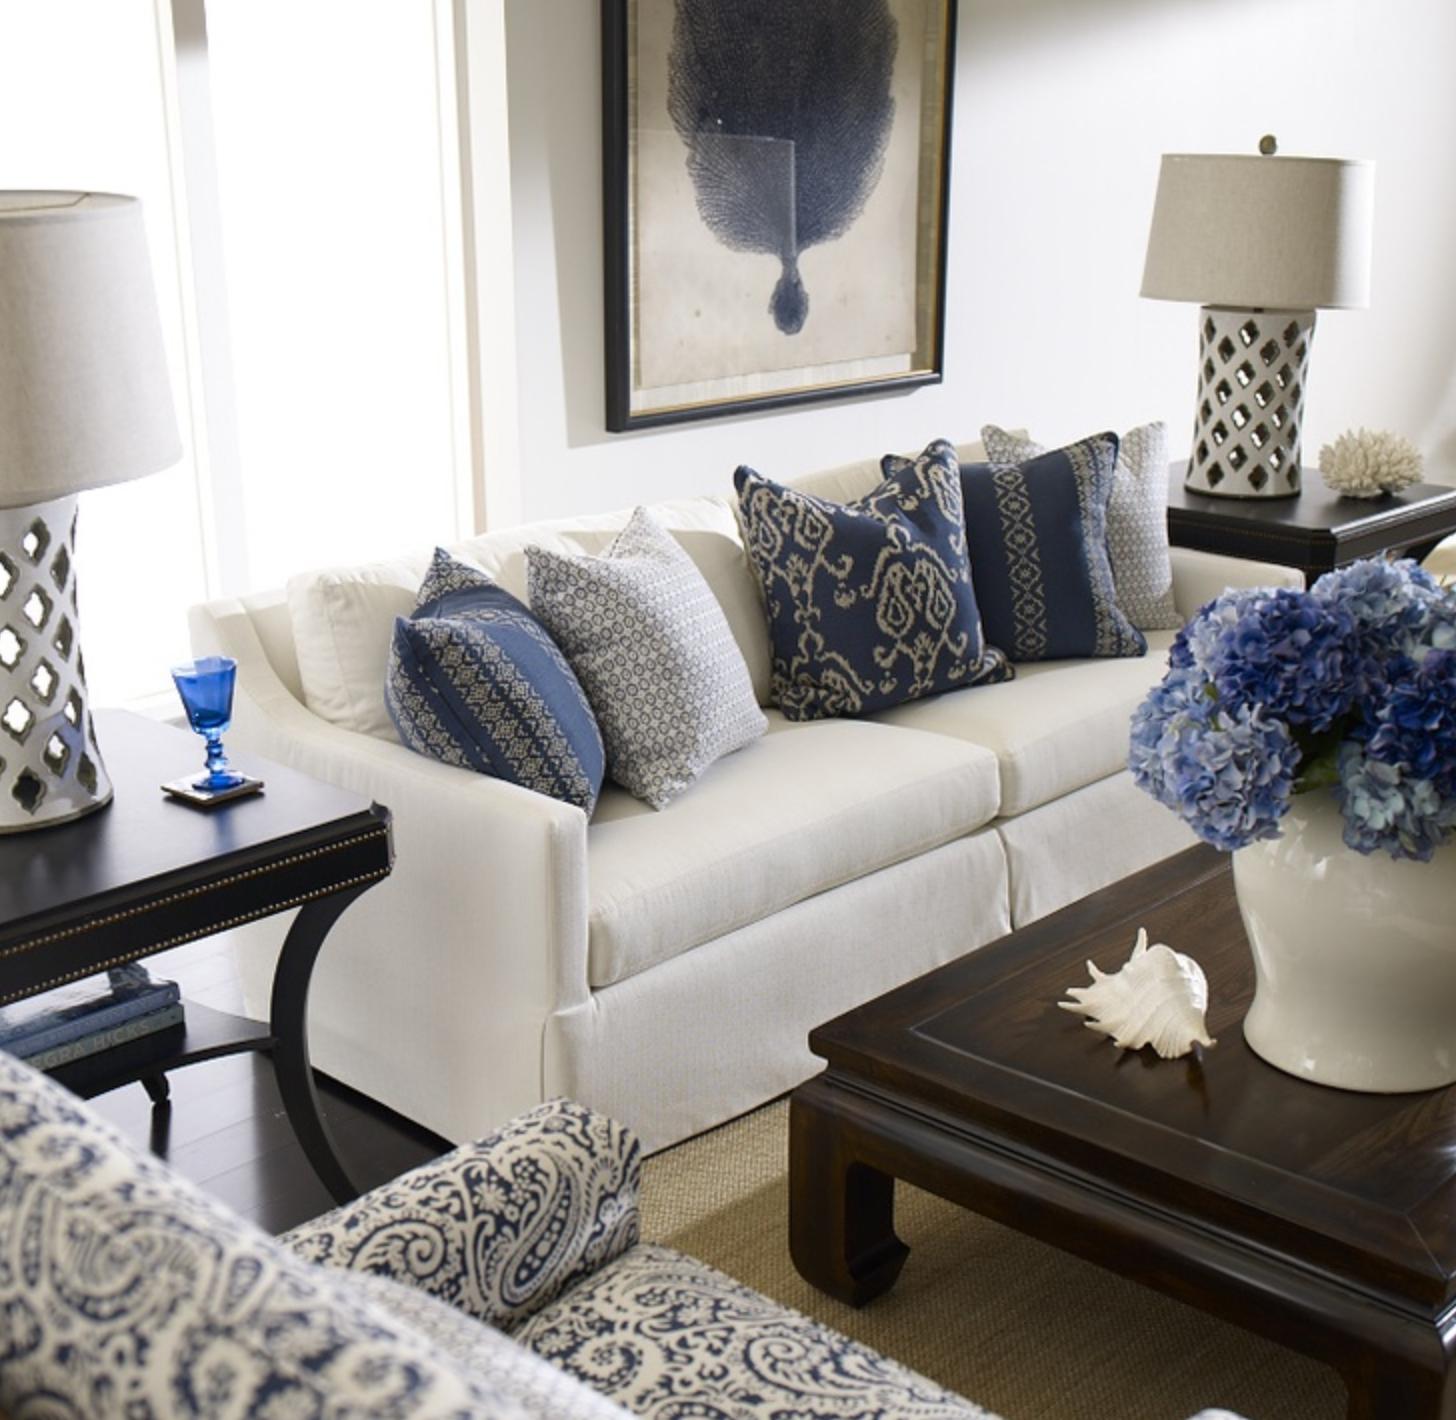 Visite o post para mais. | Decorating Spaces | Pinterest | Living ...